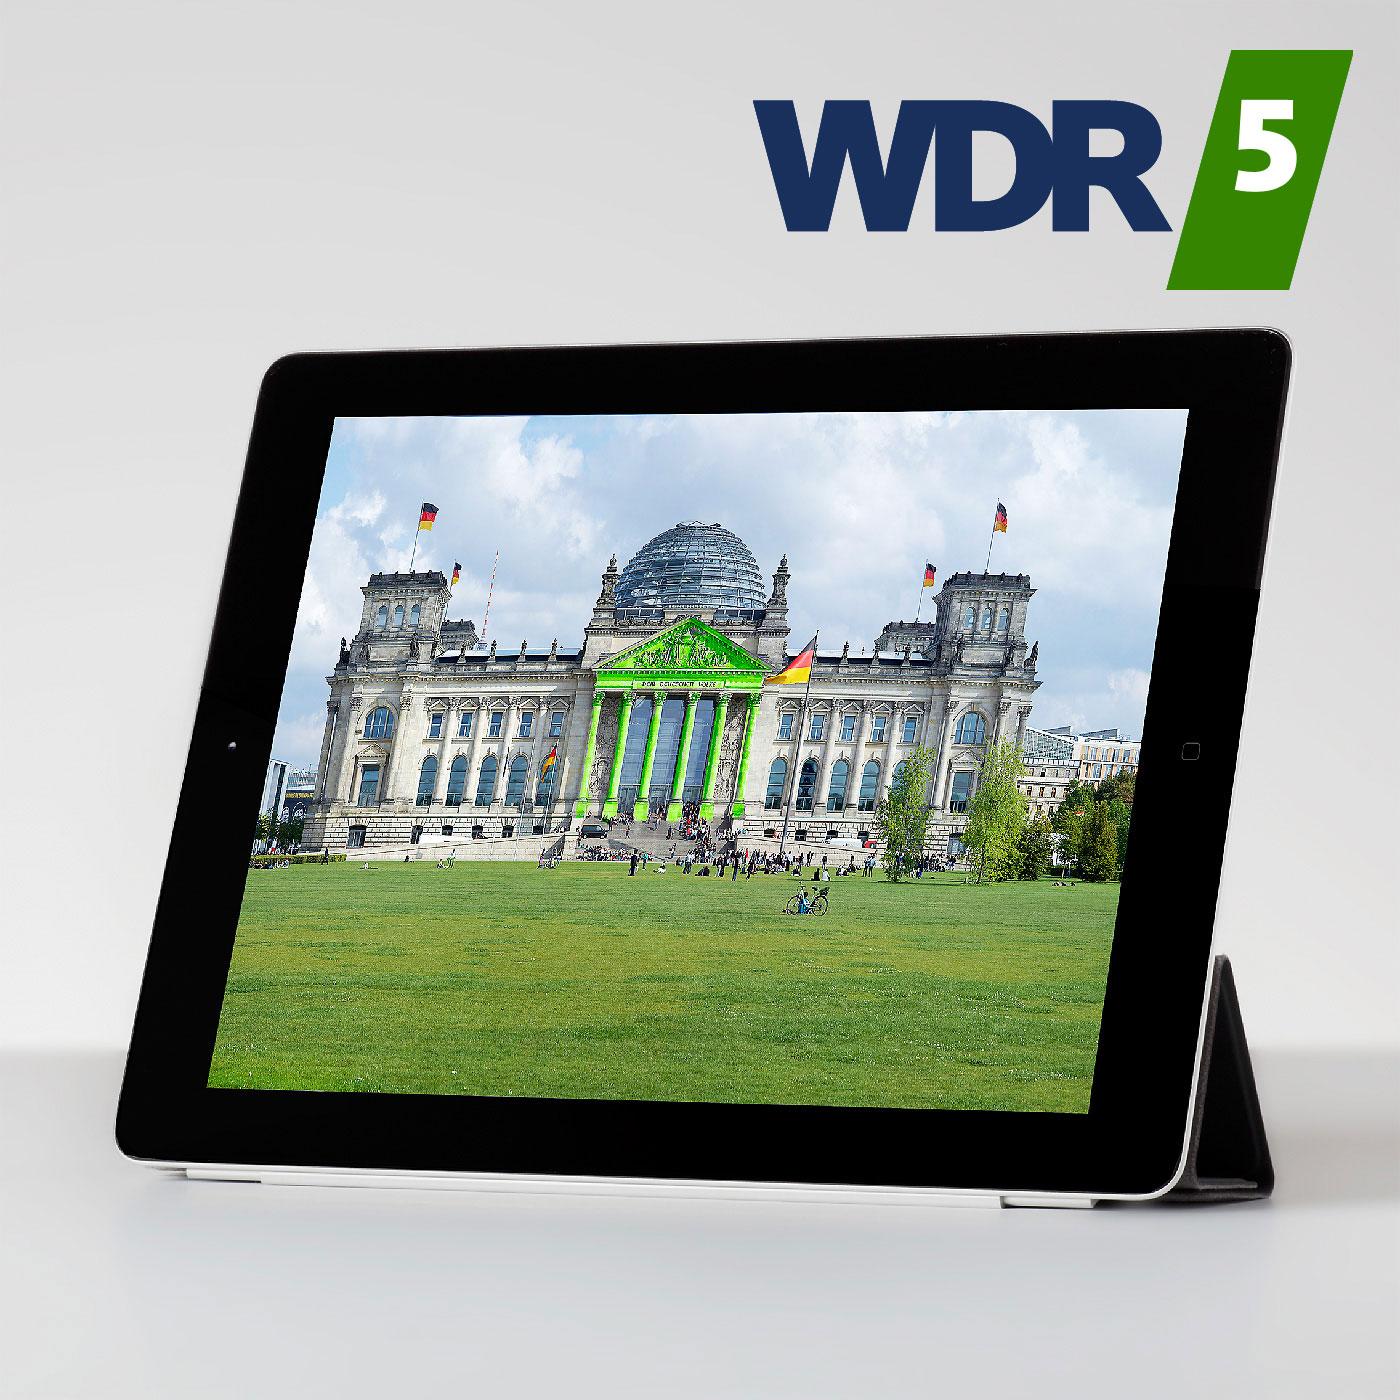 WDR 5 Platz der Republik - wird nicht mehr angeboten